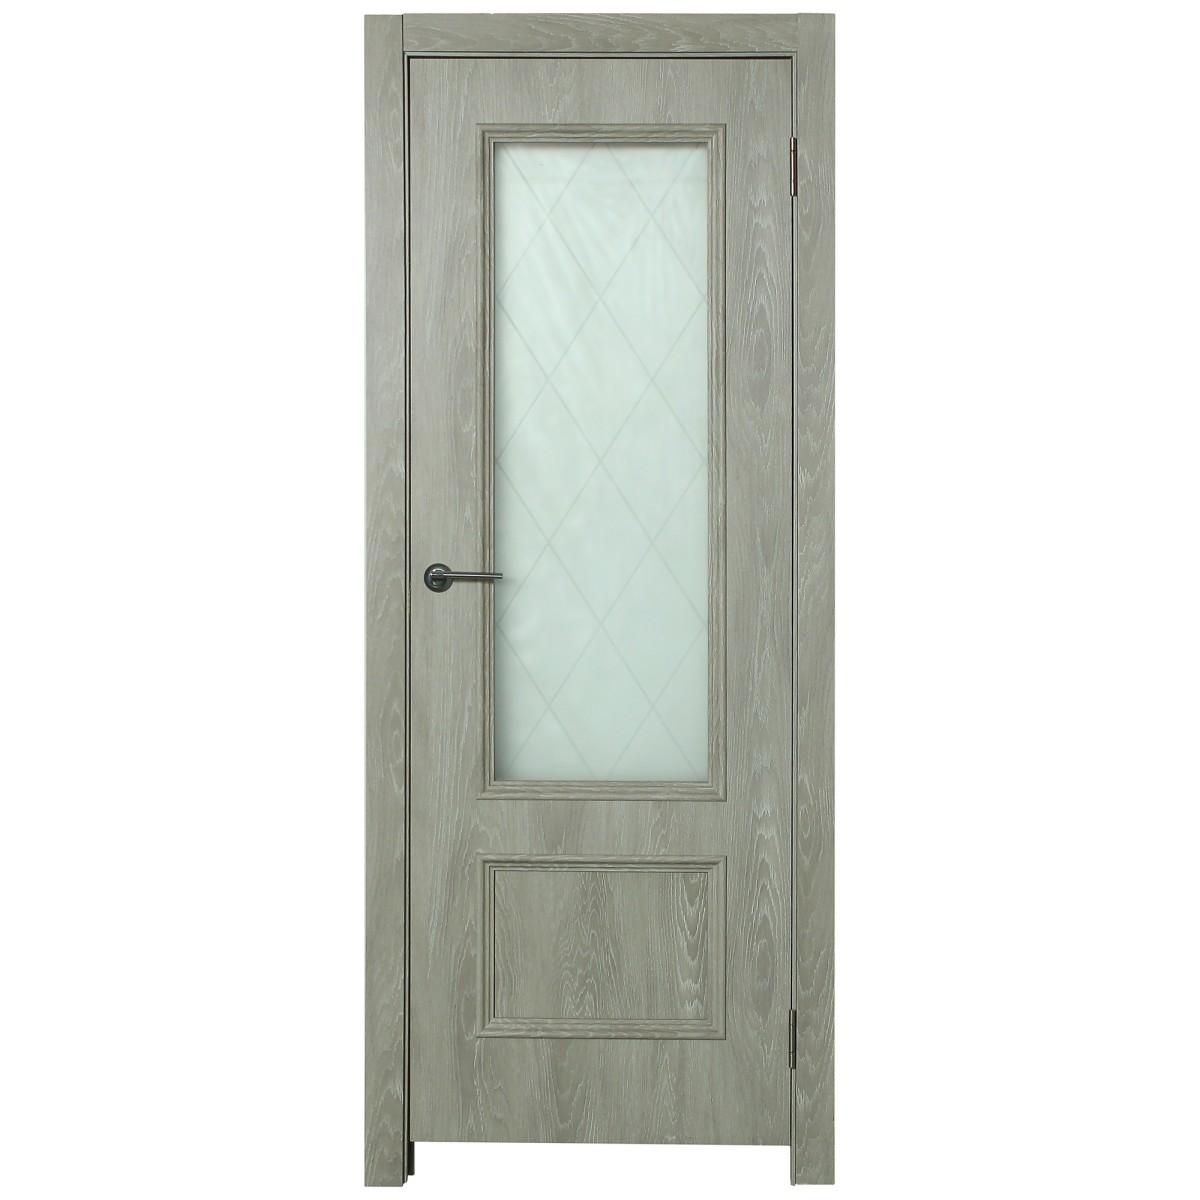 Дверь межкомнатная остеклённая Престиж 90x200 см цвет дуб